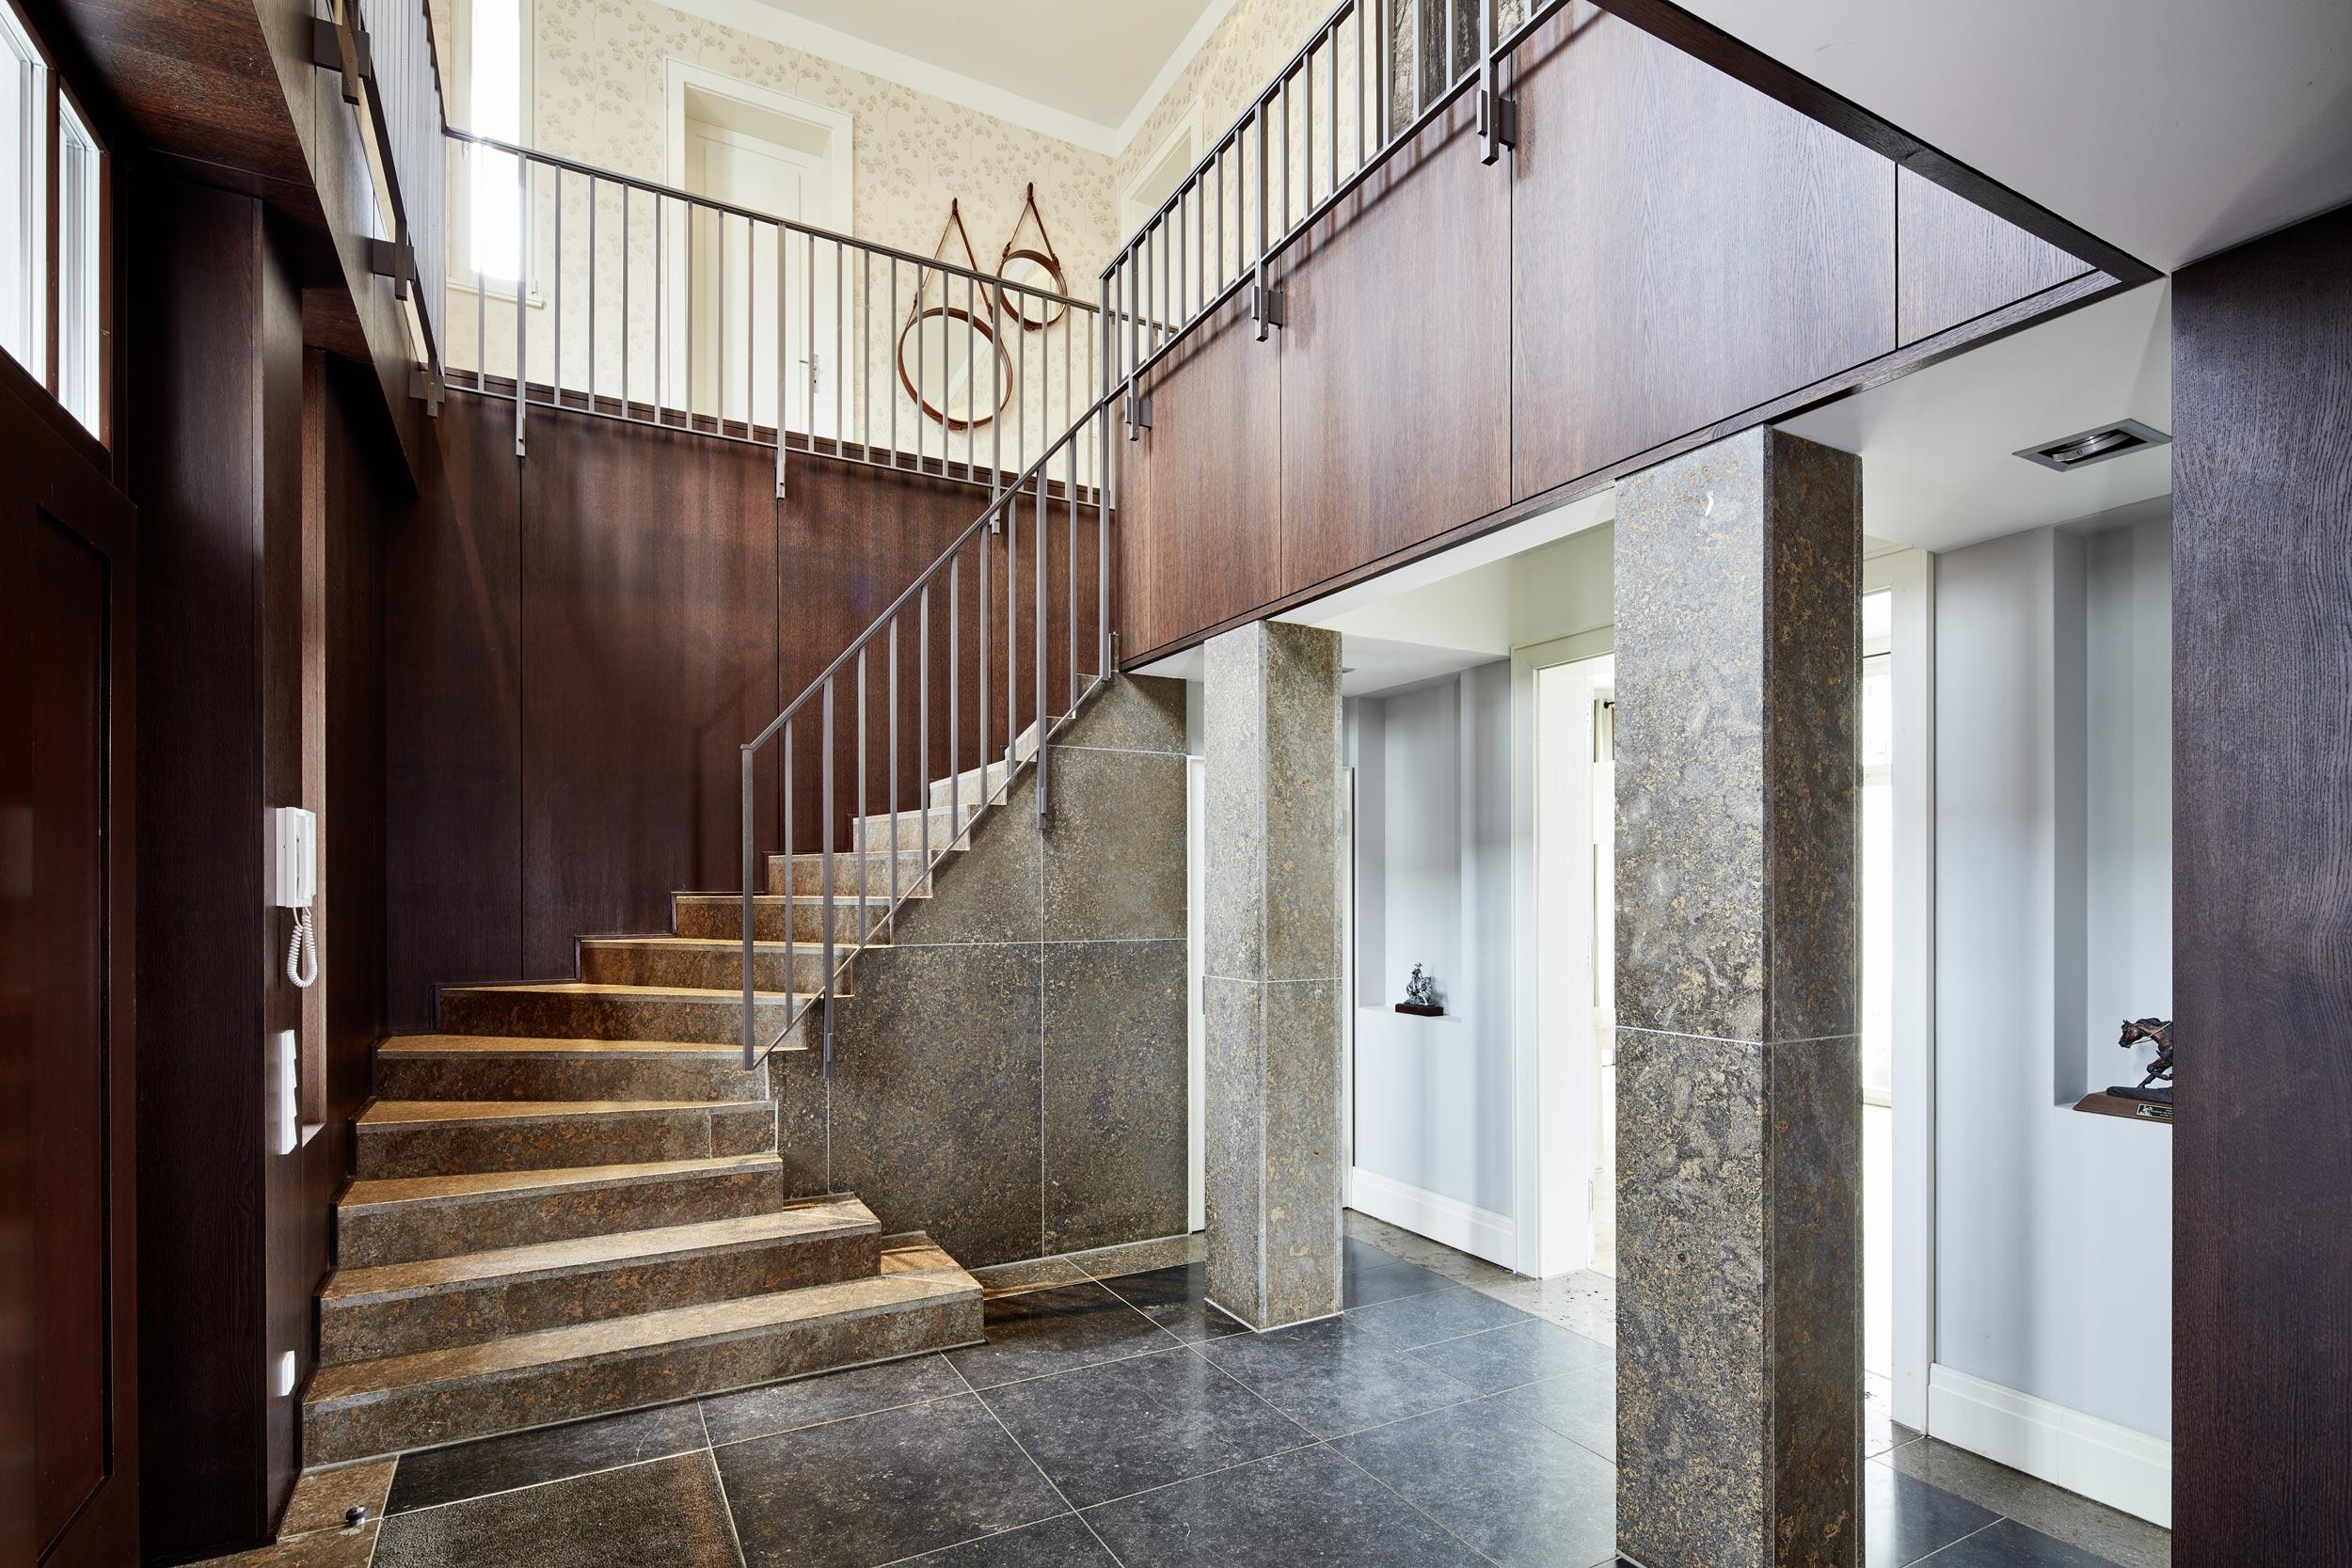 Neubau einer Villa in klassisch-traditioneller Architektursprache am See - In der Treppenhalle dominieren Naturstein und Wandvertäfelungen aus Eiche.